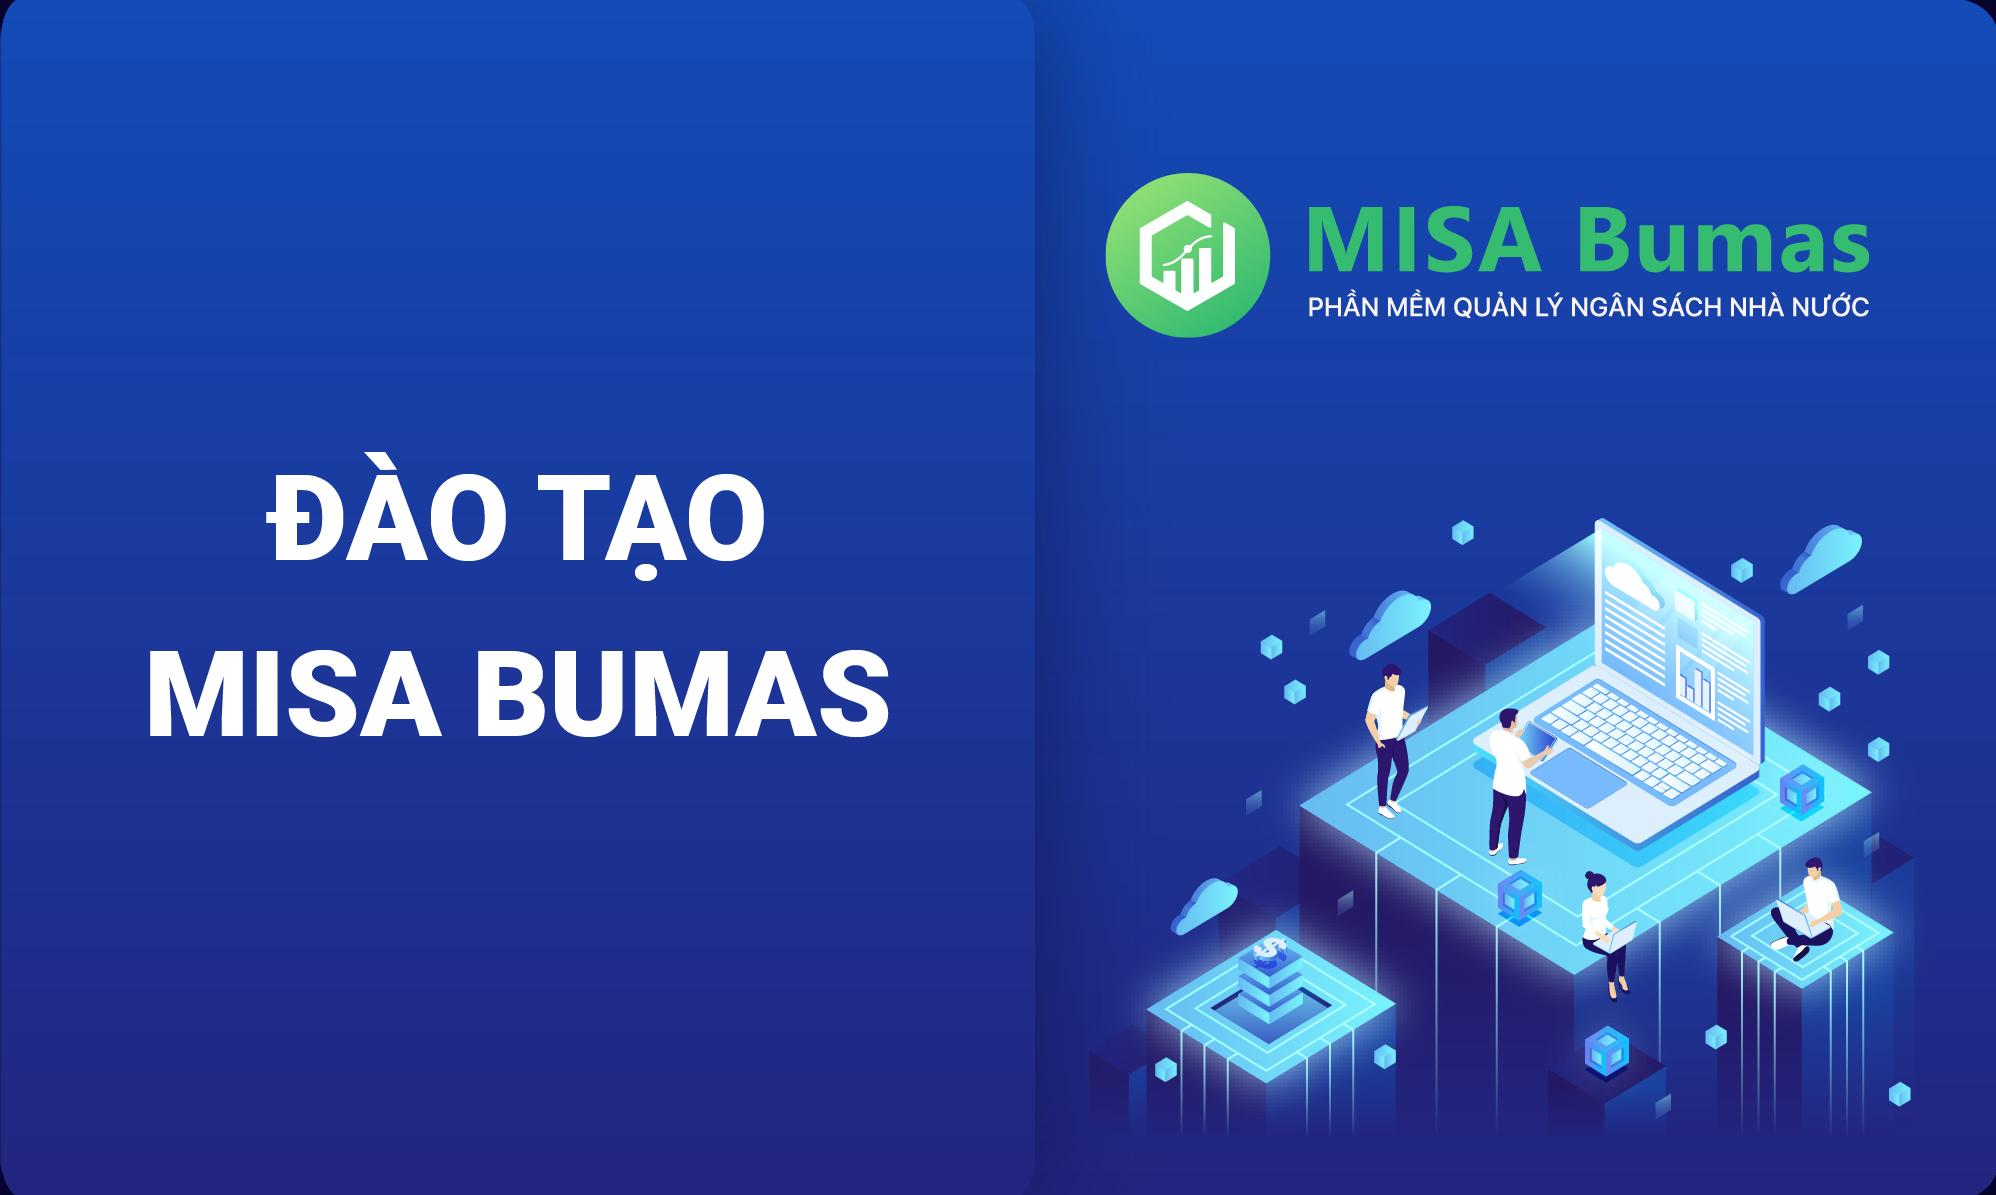 Hướng dẫn phần mềm Quản lý ngân sách MISA Bumas